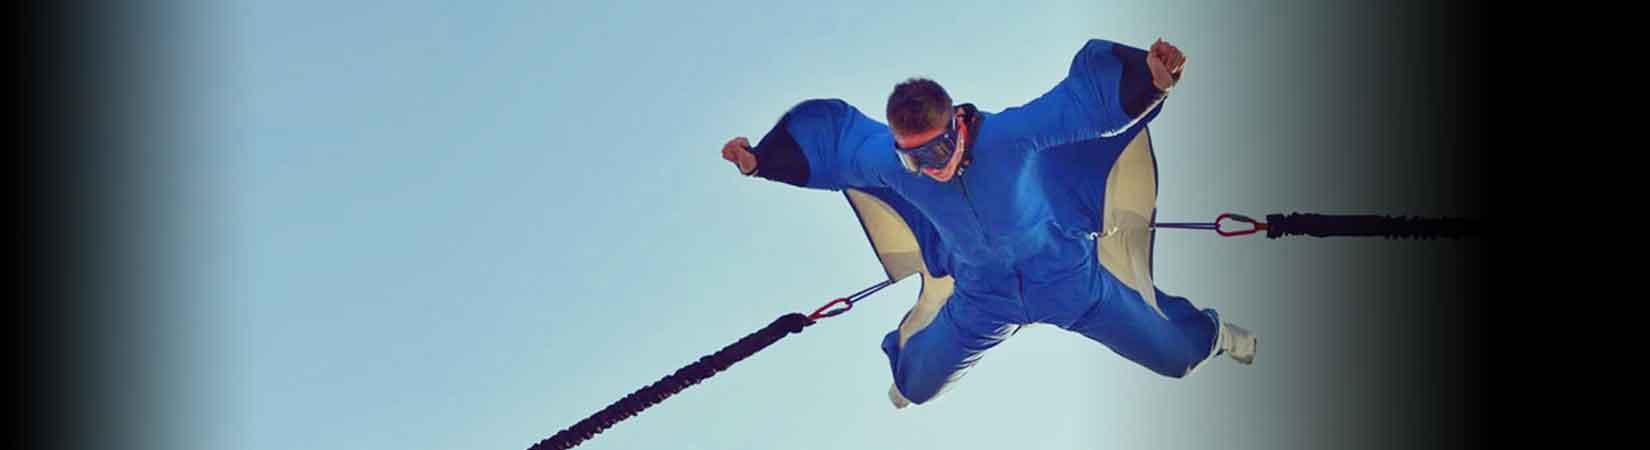 slider-flying-2